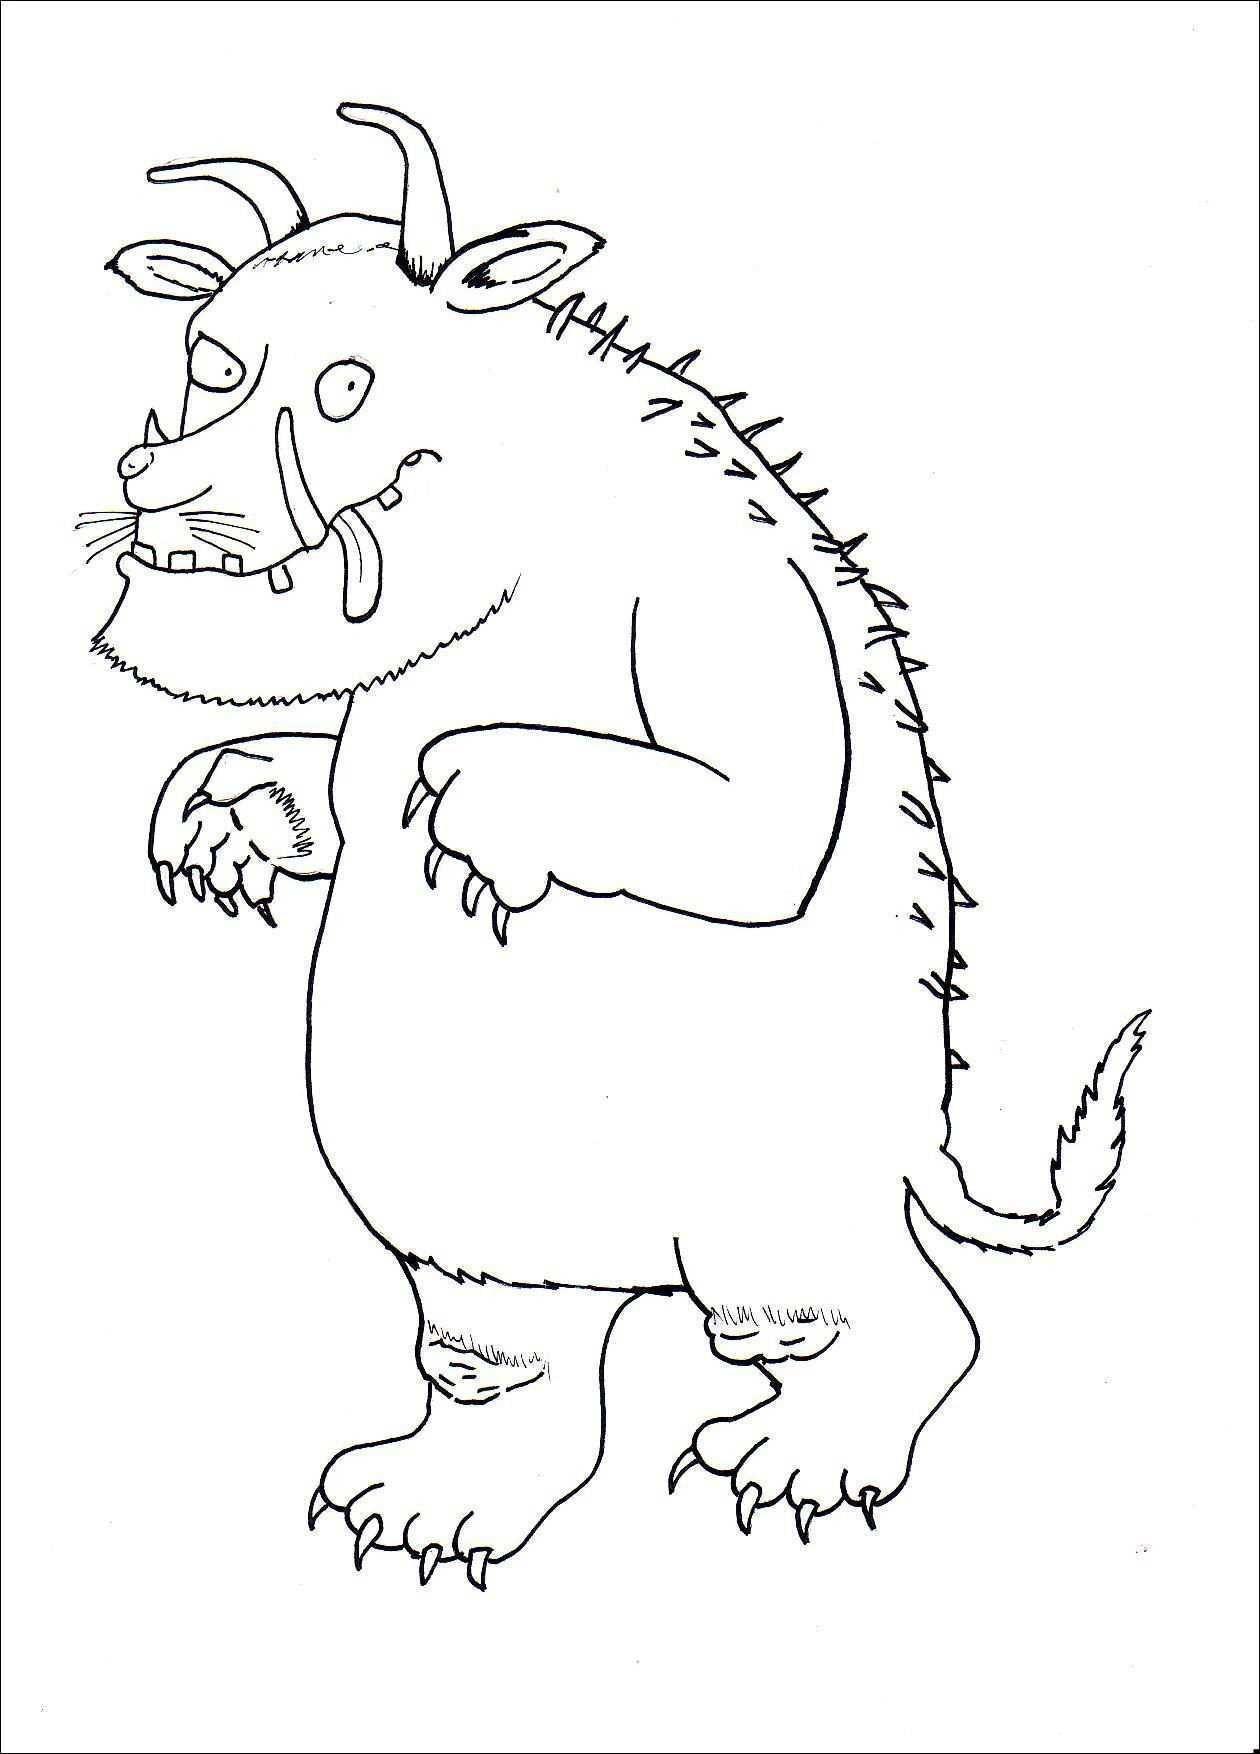 Dinosaurier Ausmalbilder Tyrannosaurus Rex Inspirierend Dinosaurier Malvorlagen Ausmalbilder Ebenbild Malvorlagen Das Bild